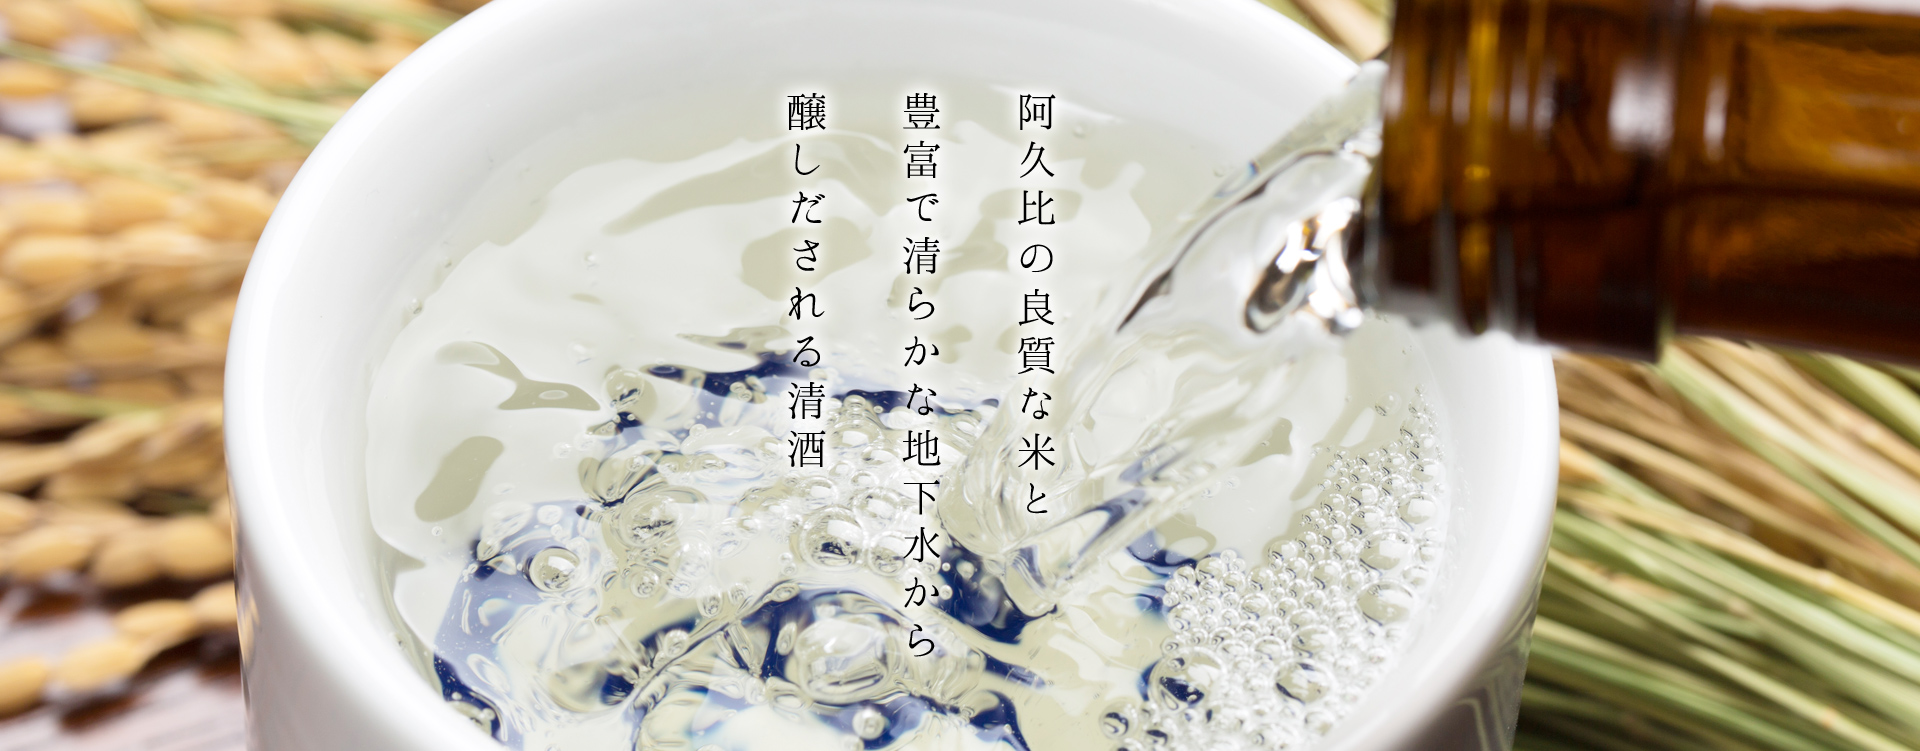 【驚きの値段】 マレーラ Marella レディース レインコート アウター レディース Rosatea Marella Rain アウター NATURAL, 三浦郡:d6a0576e --- ballettstudio-gri.de